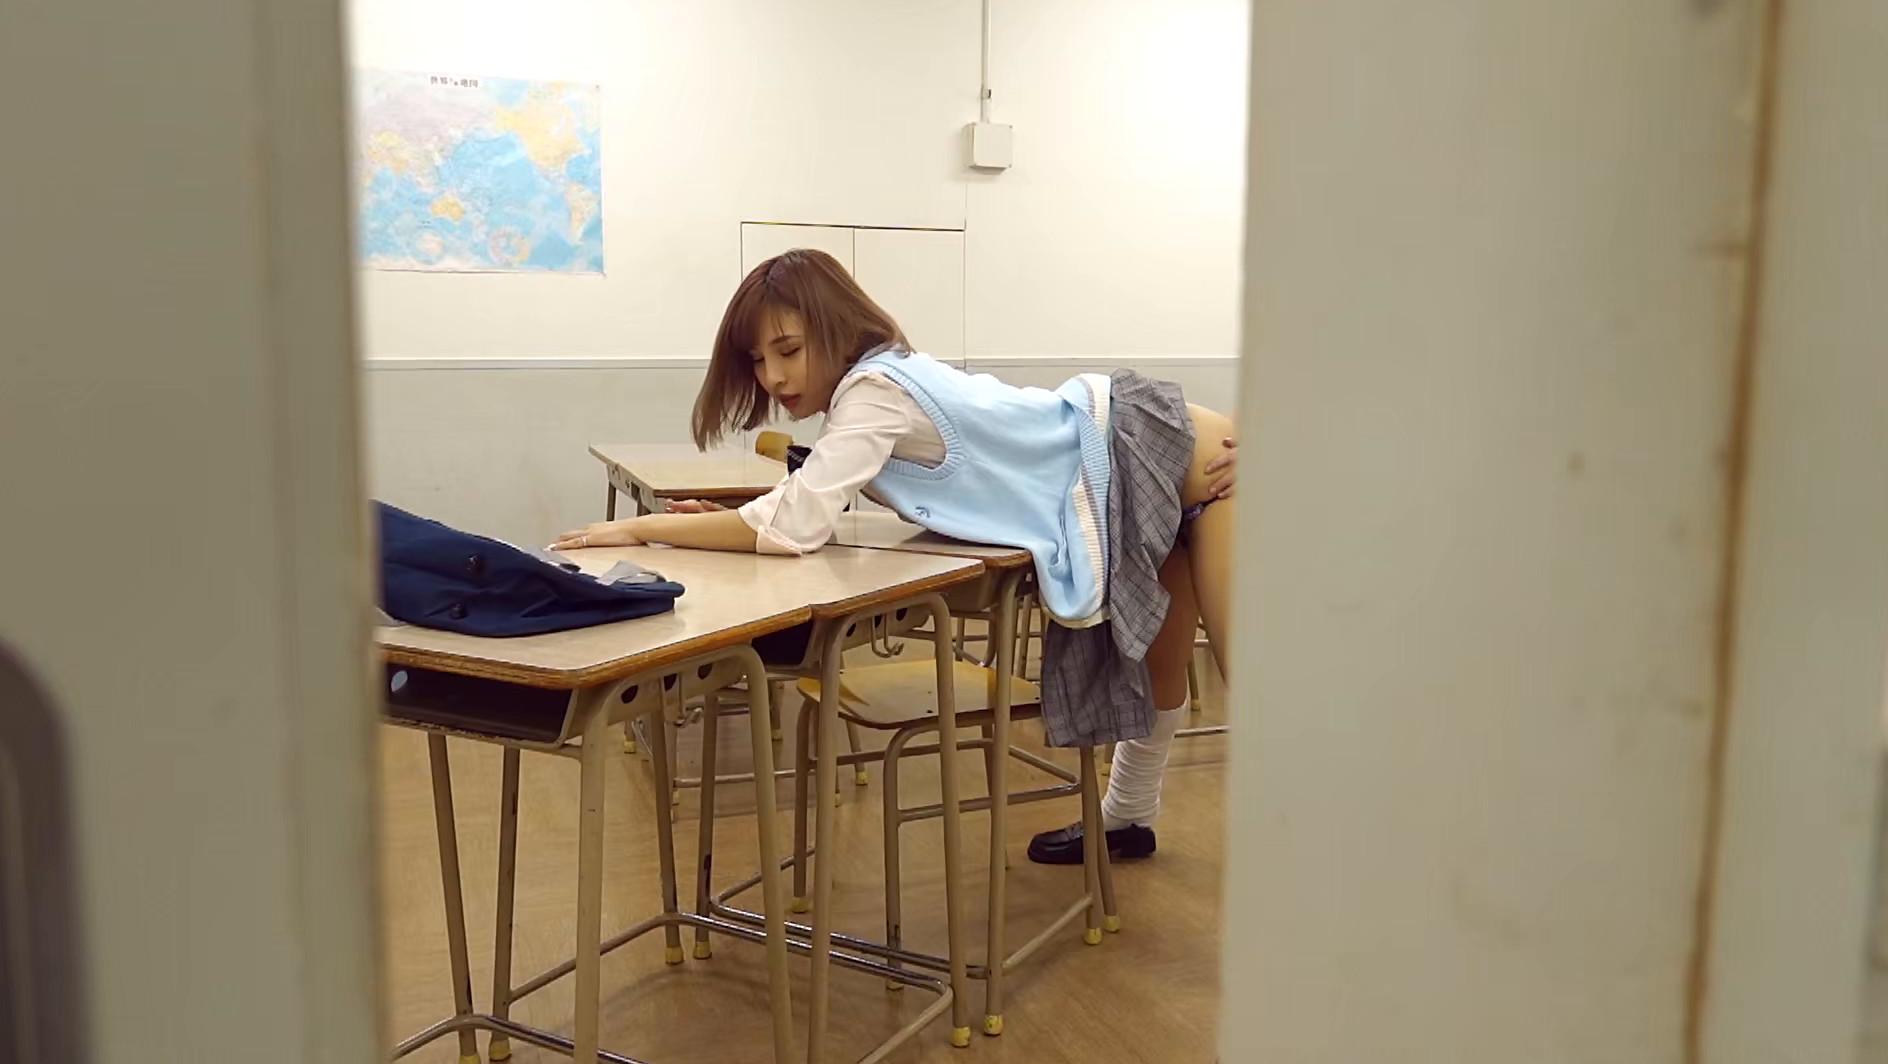 ハッピービッチ ~どうせヤリたいんでしょ?~ 鎌沢朋佳10